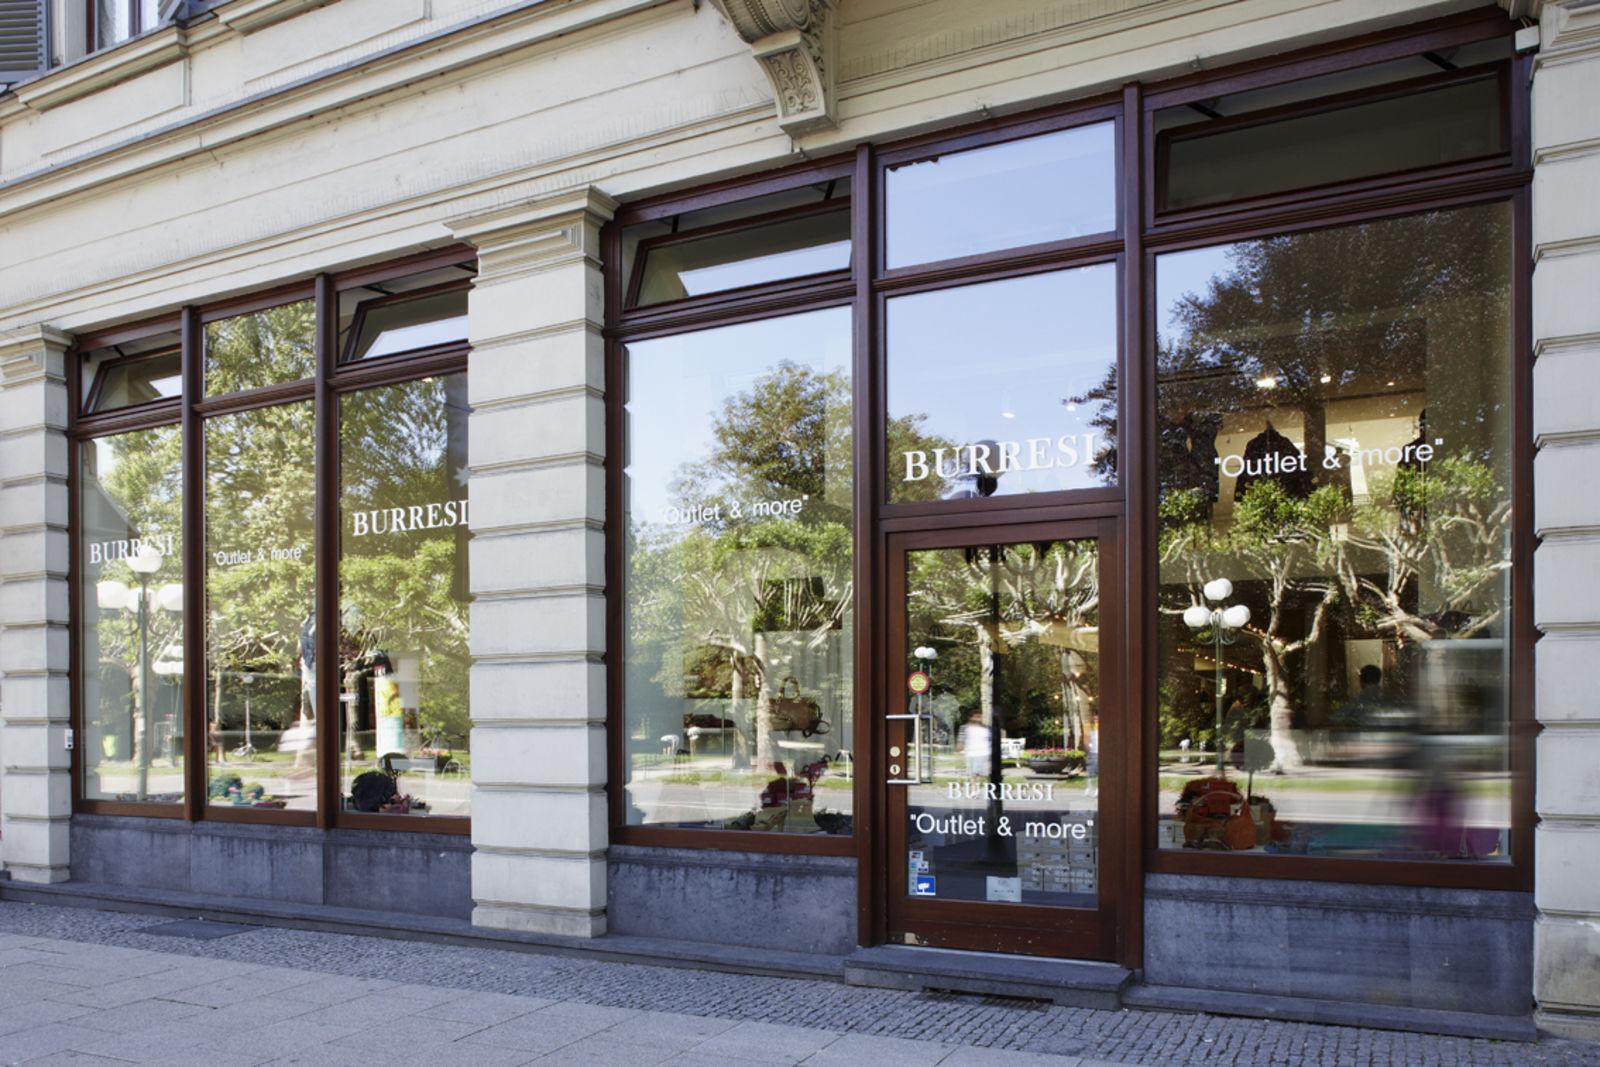 BURRESI OUTLET & MORE in Wiesbaden (Bild 2)